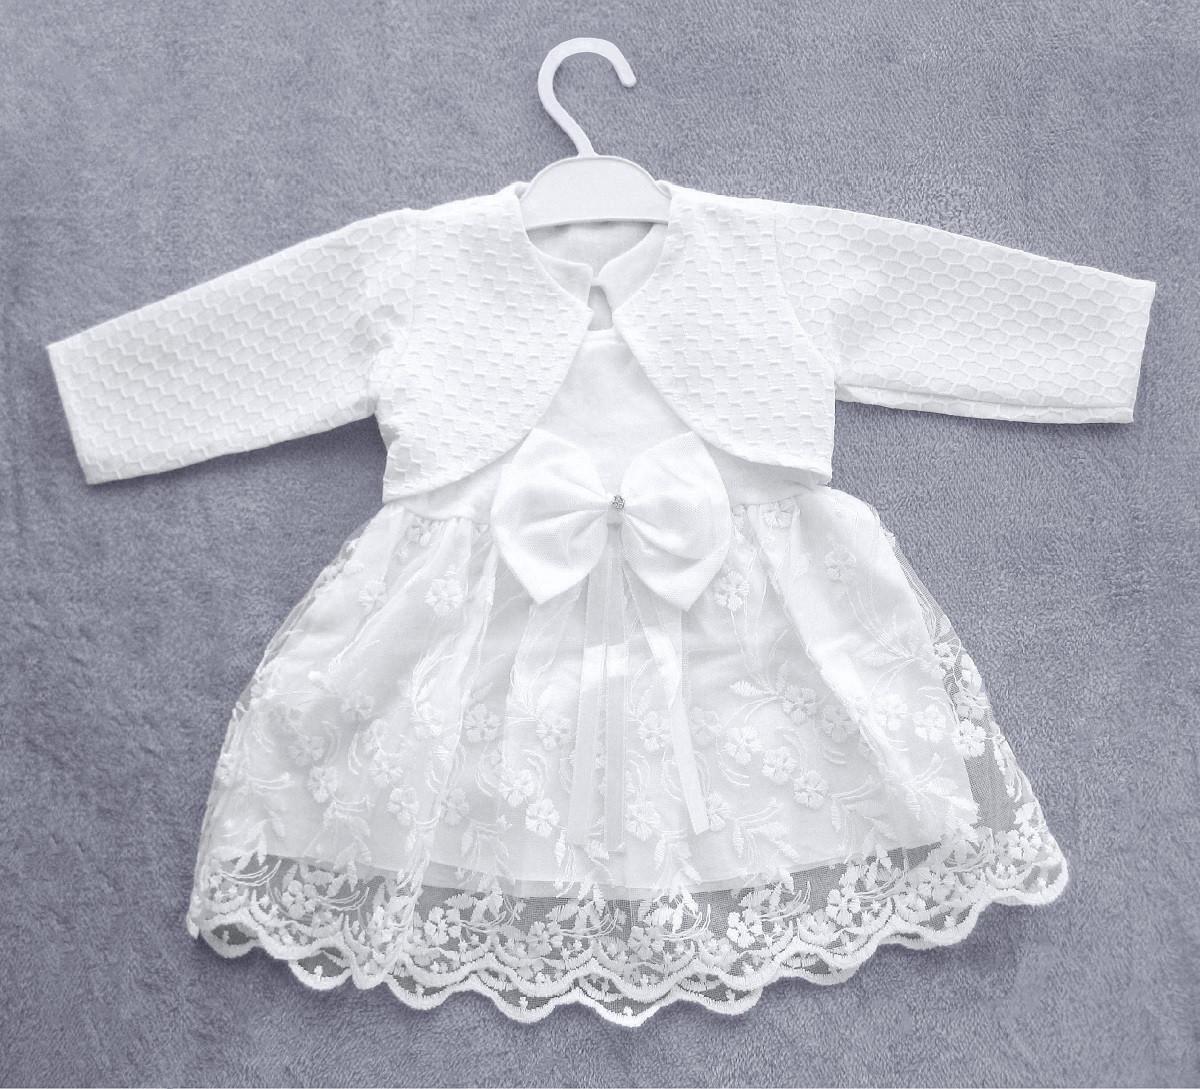 Очень нарядное белое платье с болеро на новорожденную девочку р. 68, 74, 80  ПОЛНОМЕРНОЕ на крещение